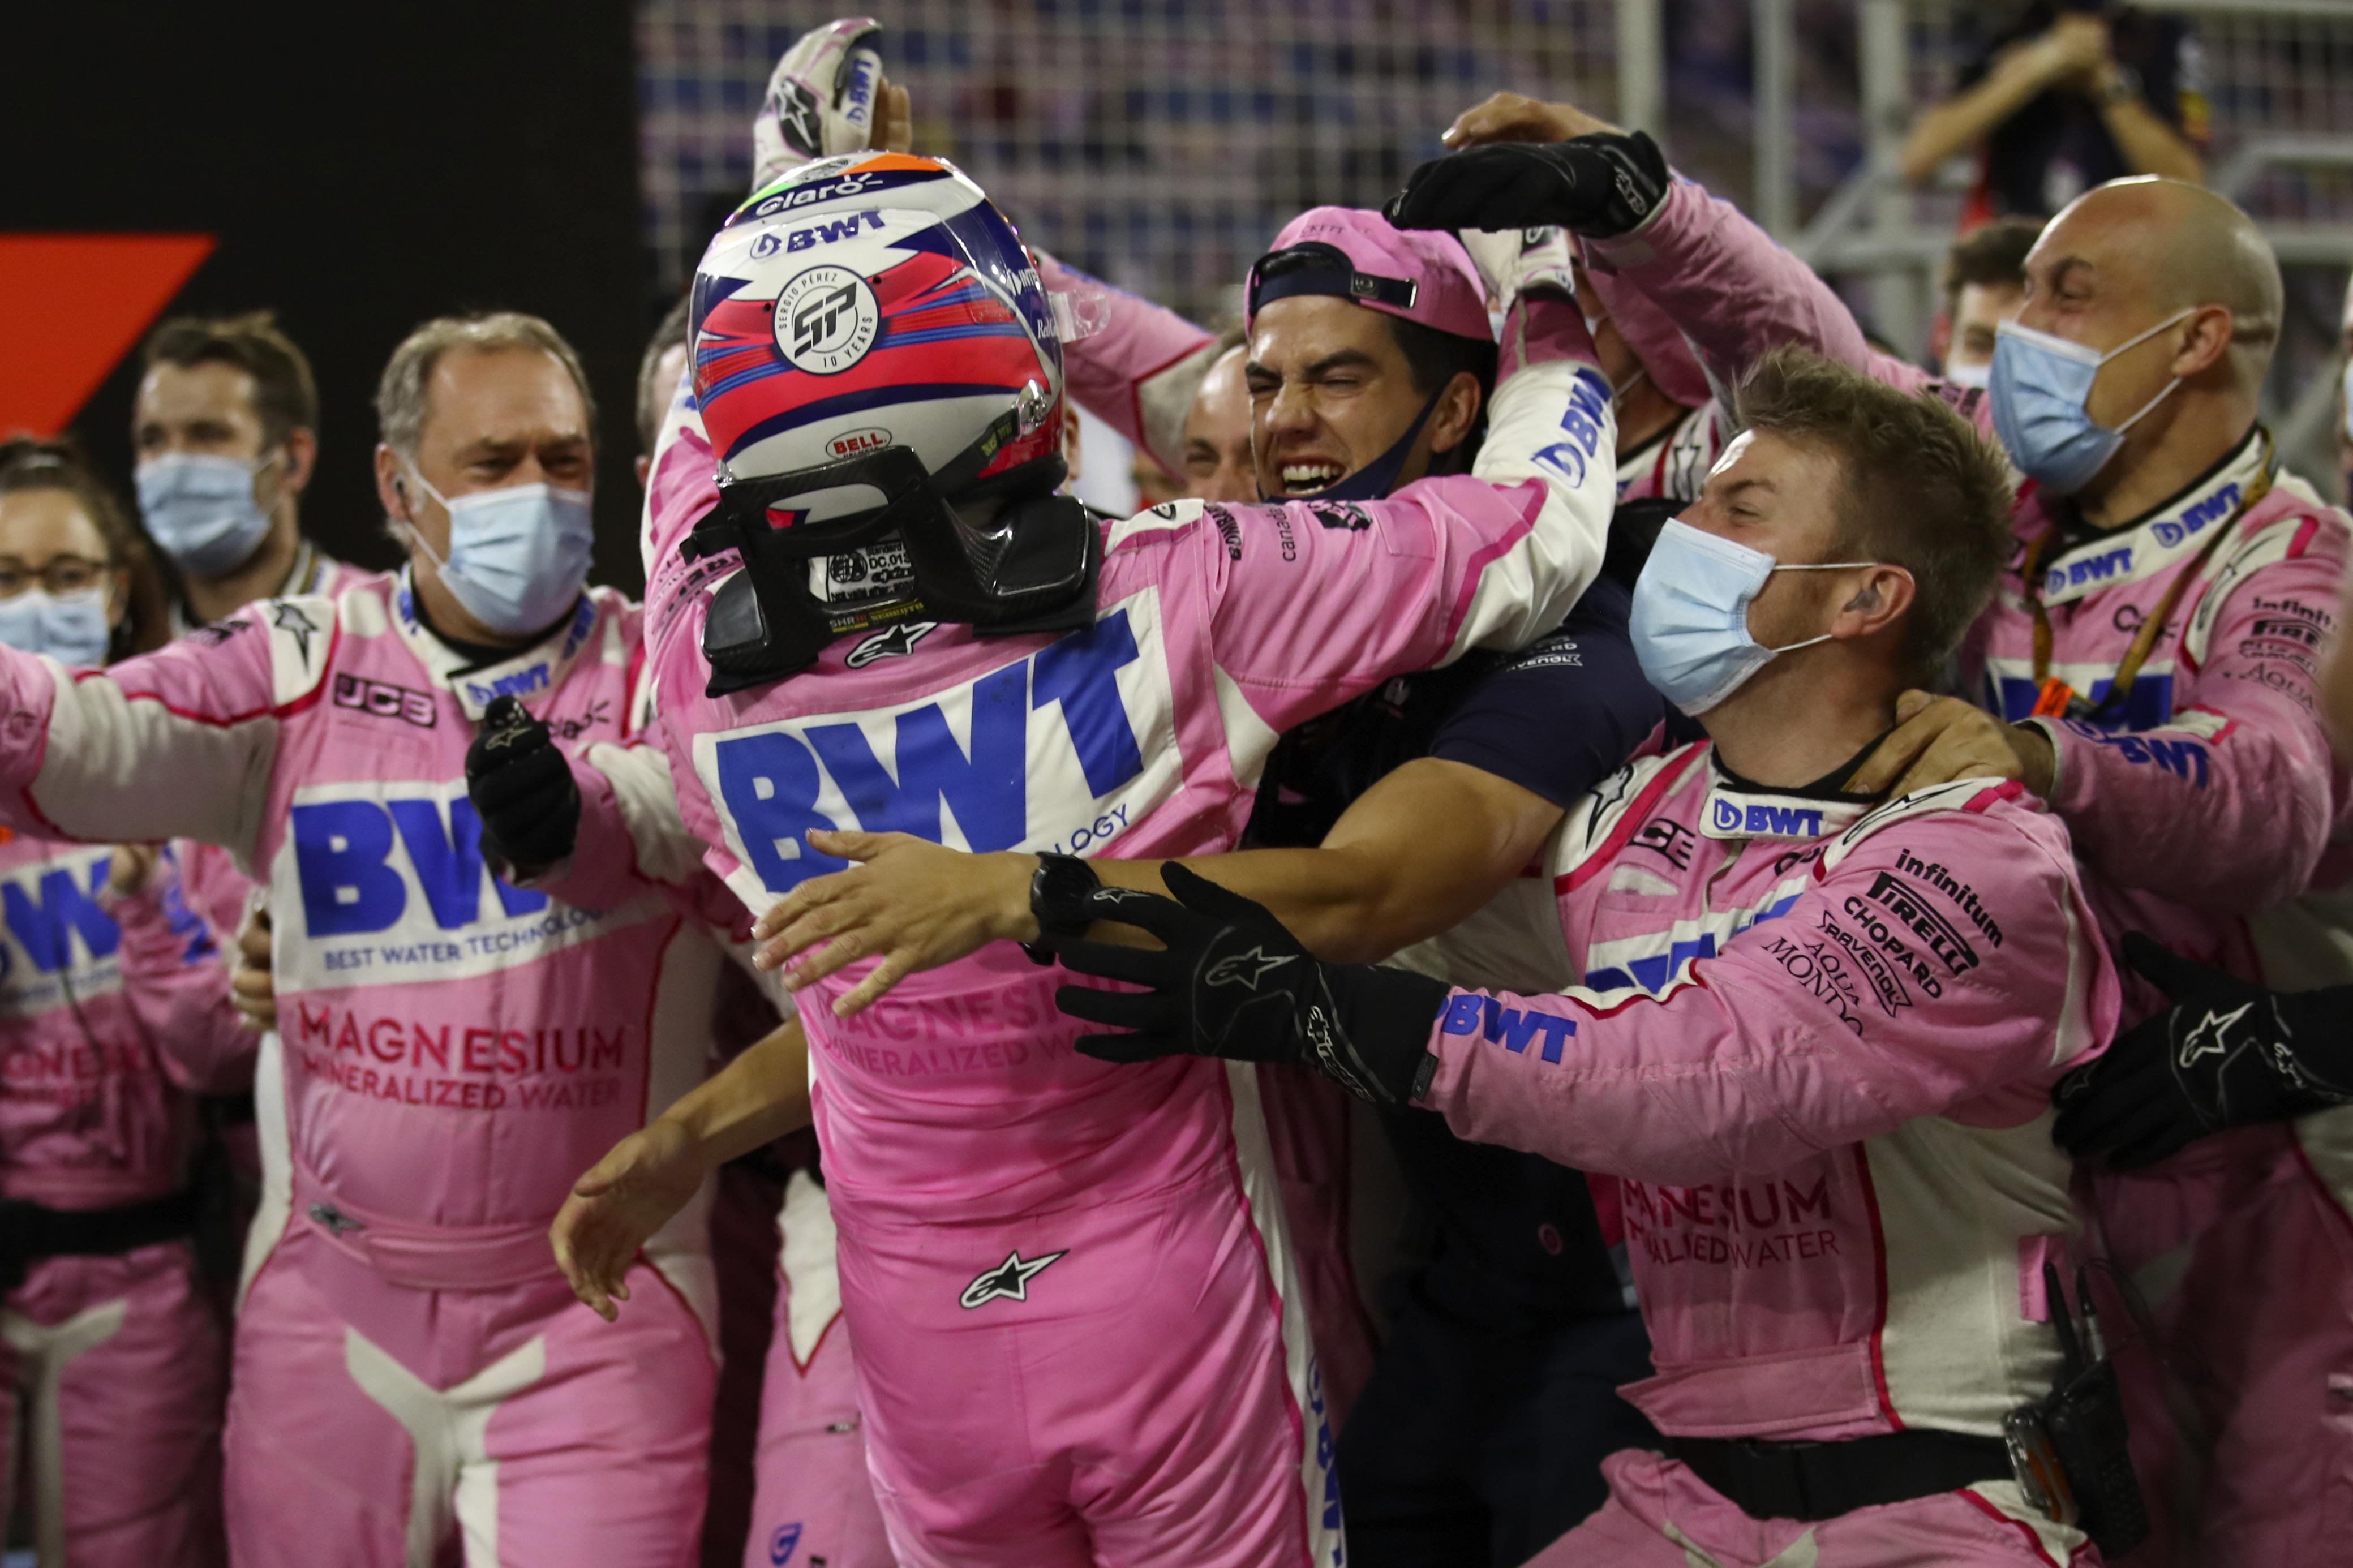 El piloto de Racing Point Sergio Pérez de México celebra la victoria con su equipo en el Gran Premio de Fórmula 1 de Sakhir, Baréin el domingo 6 de diciembre de 2020.